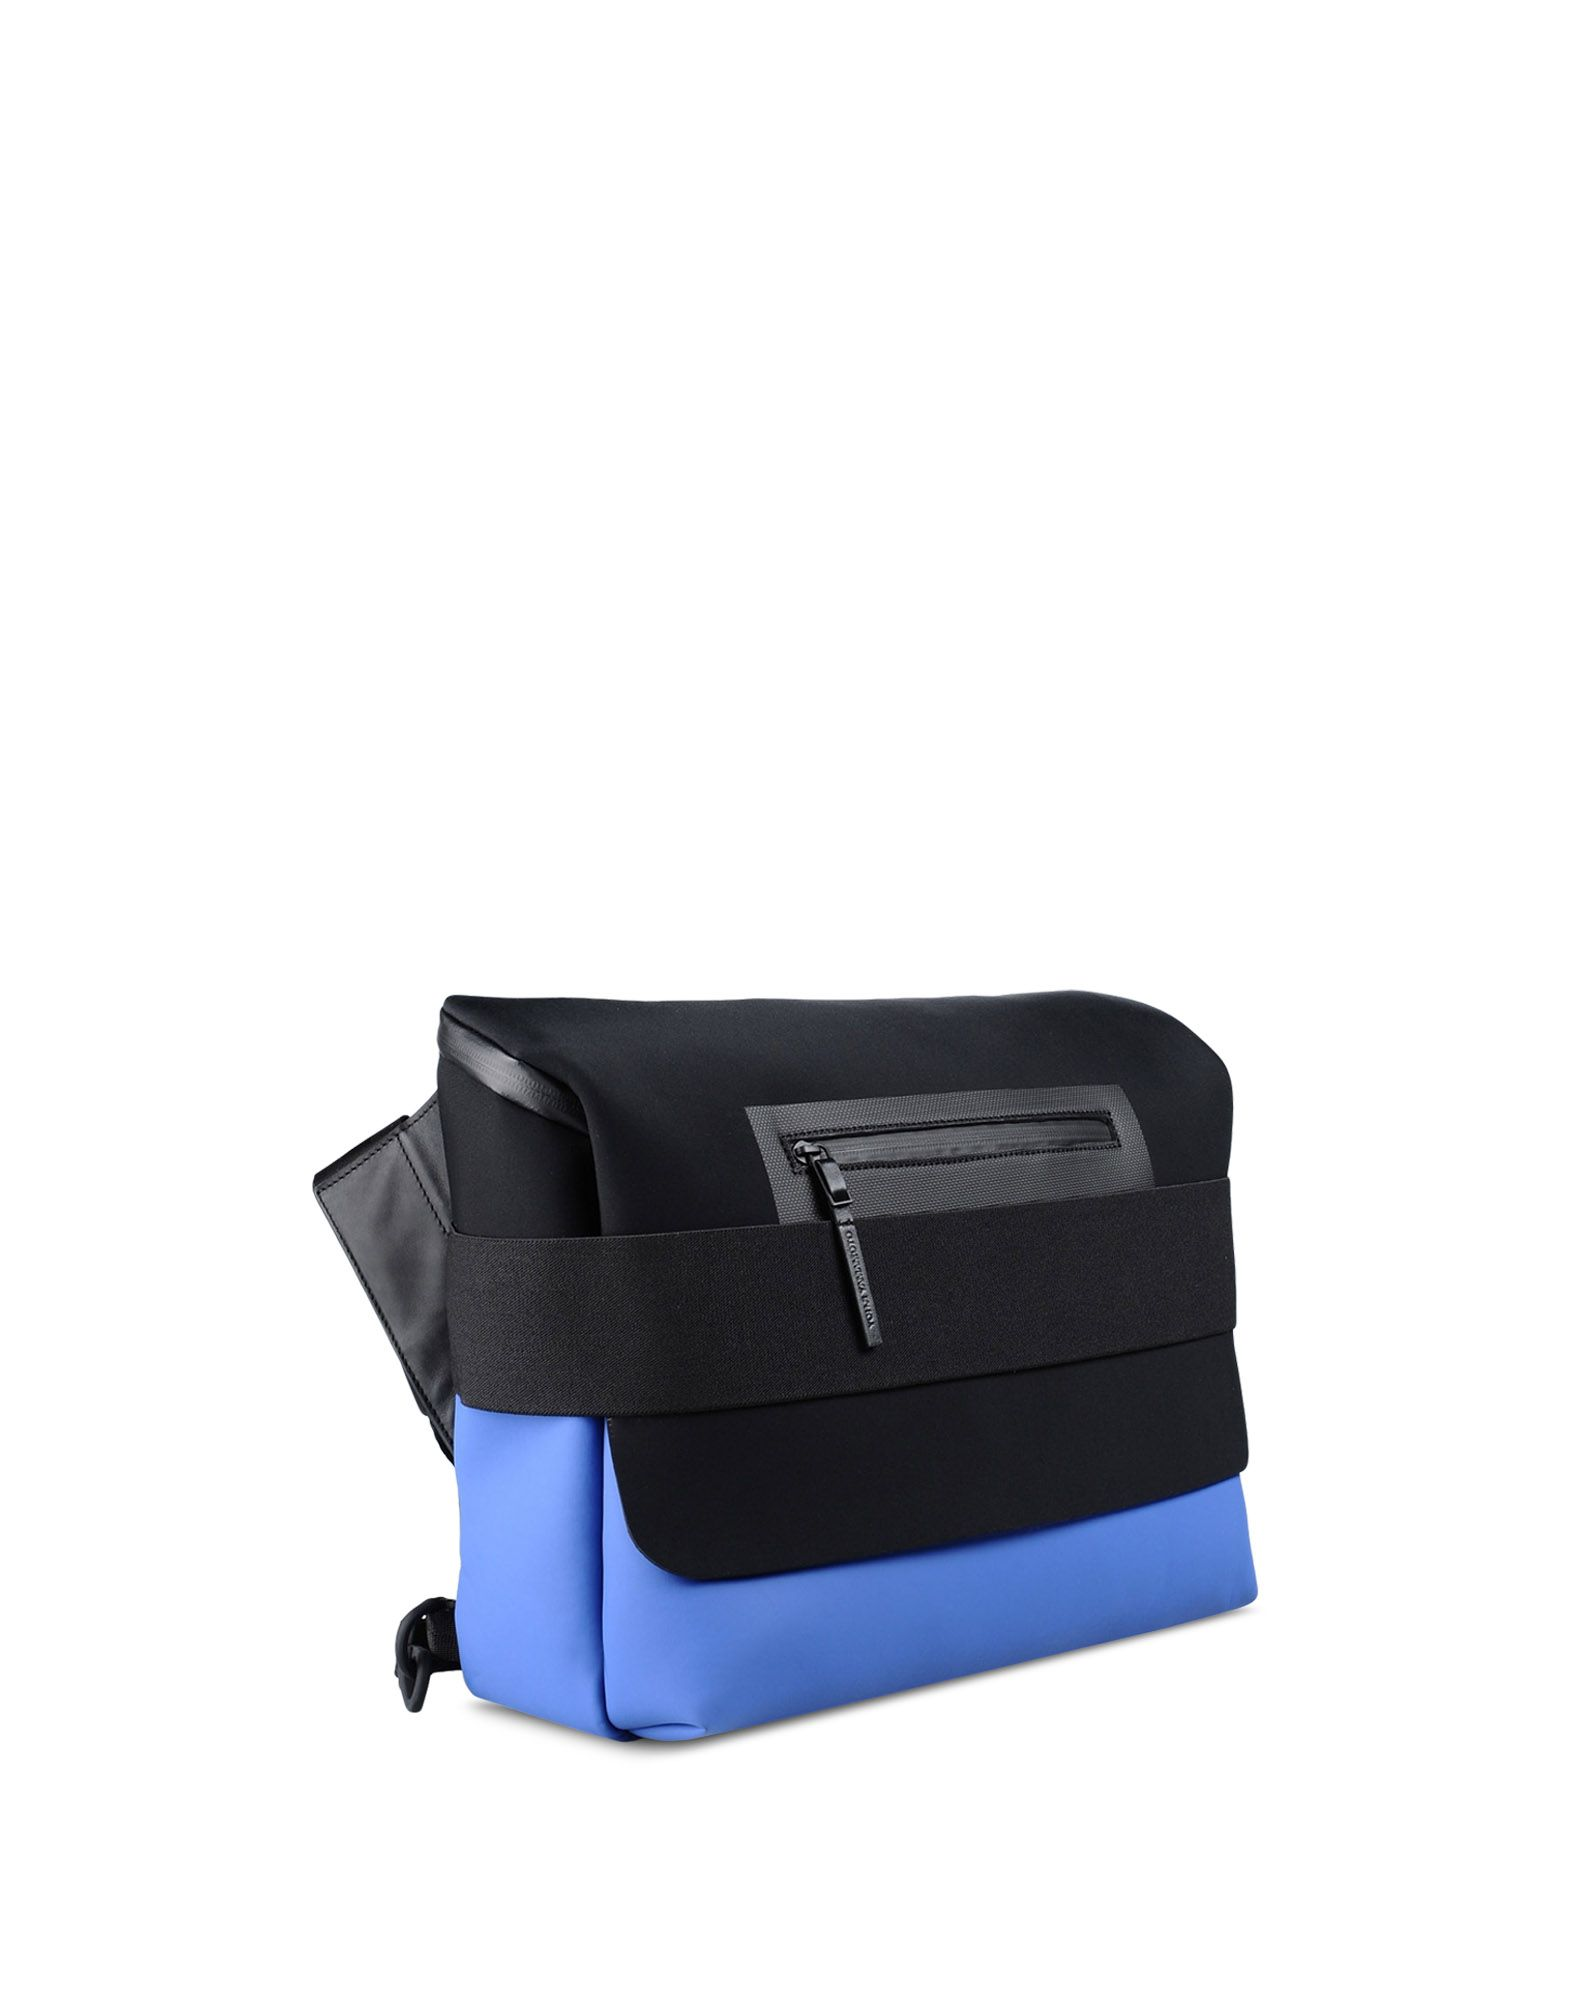 6fb2f3bb939 Y 3 QASA MESSENGER Messenger Bags   Adidas Y-3 Official ...